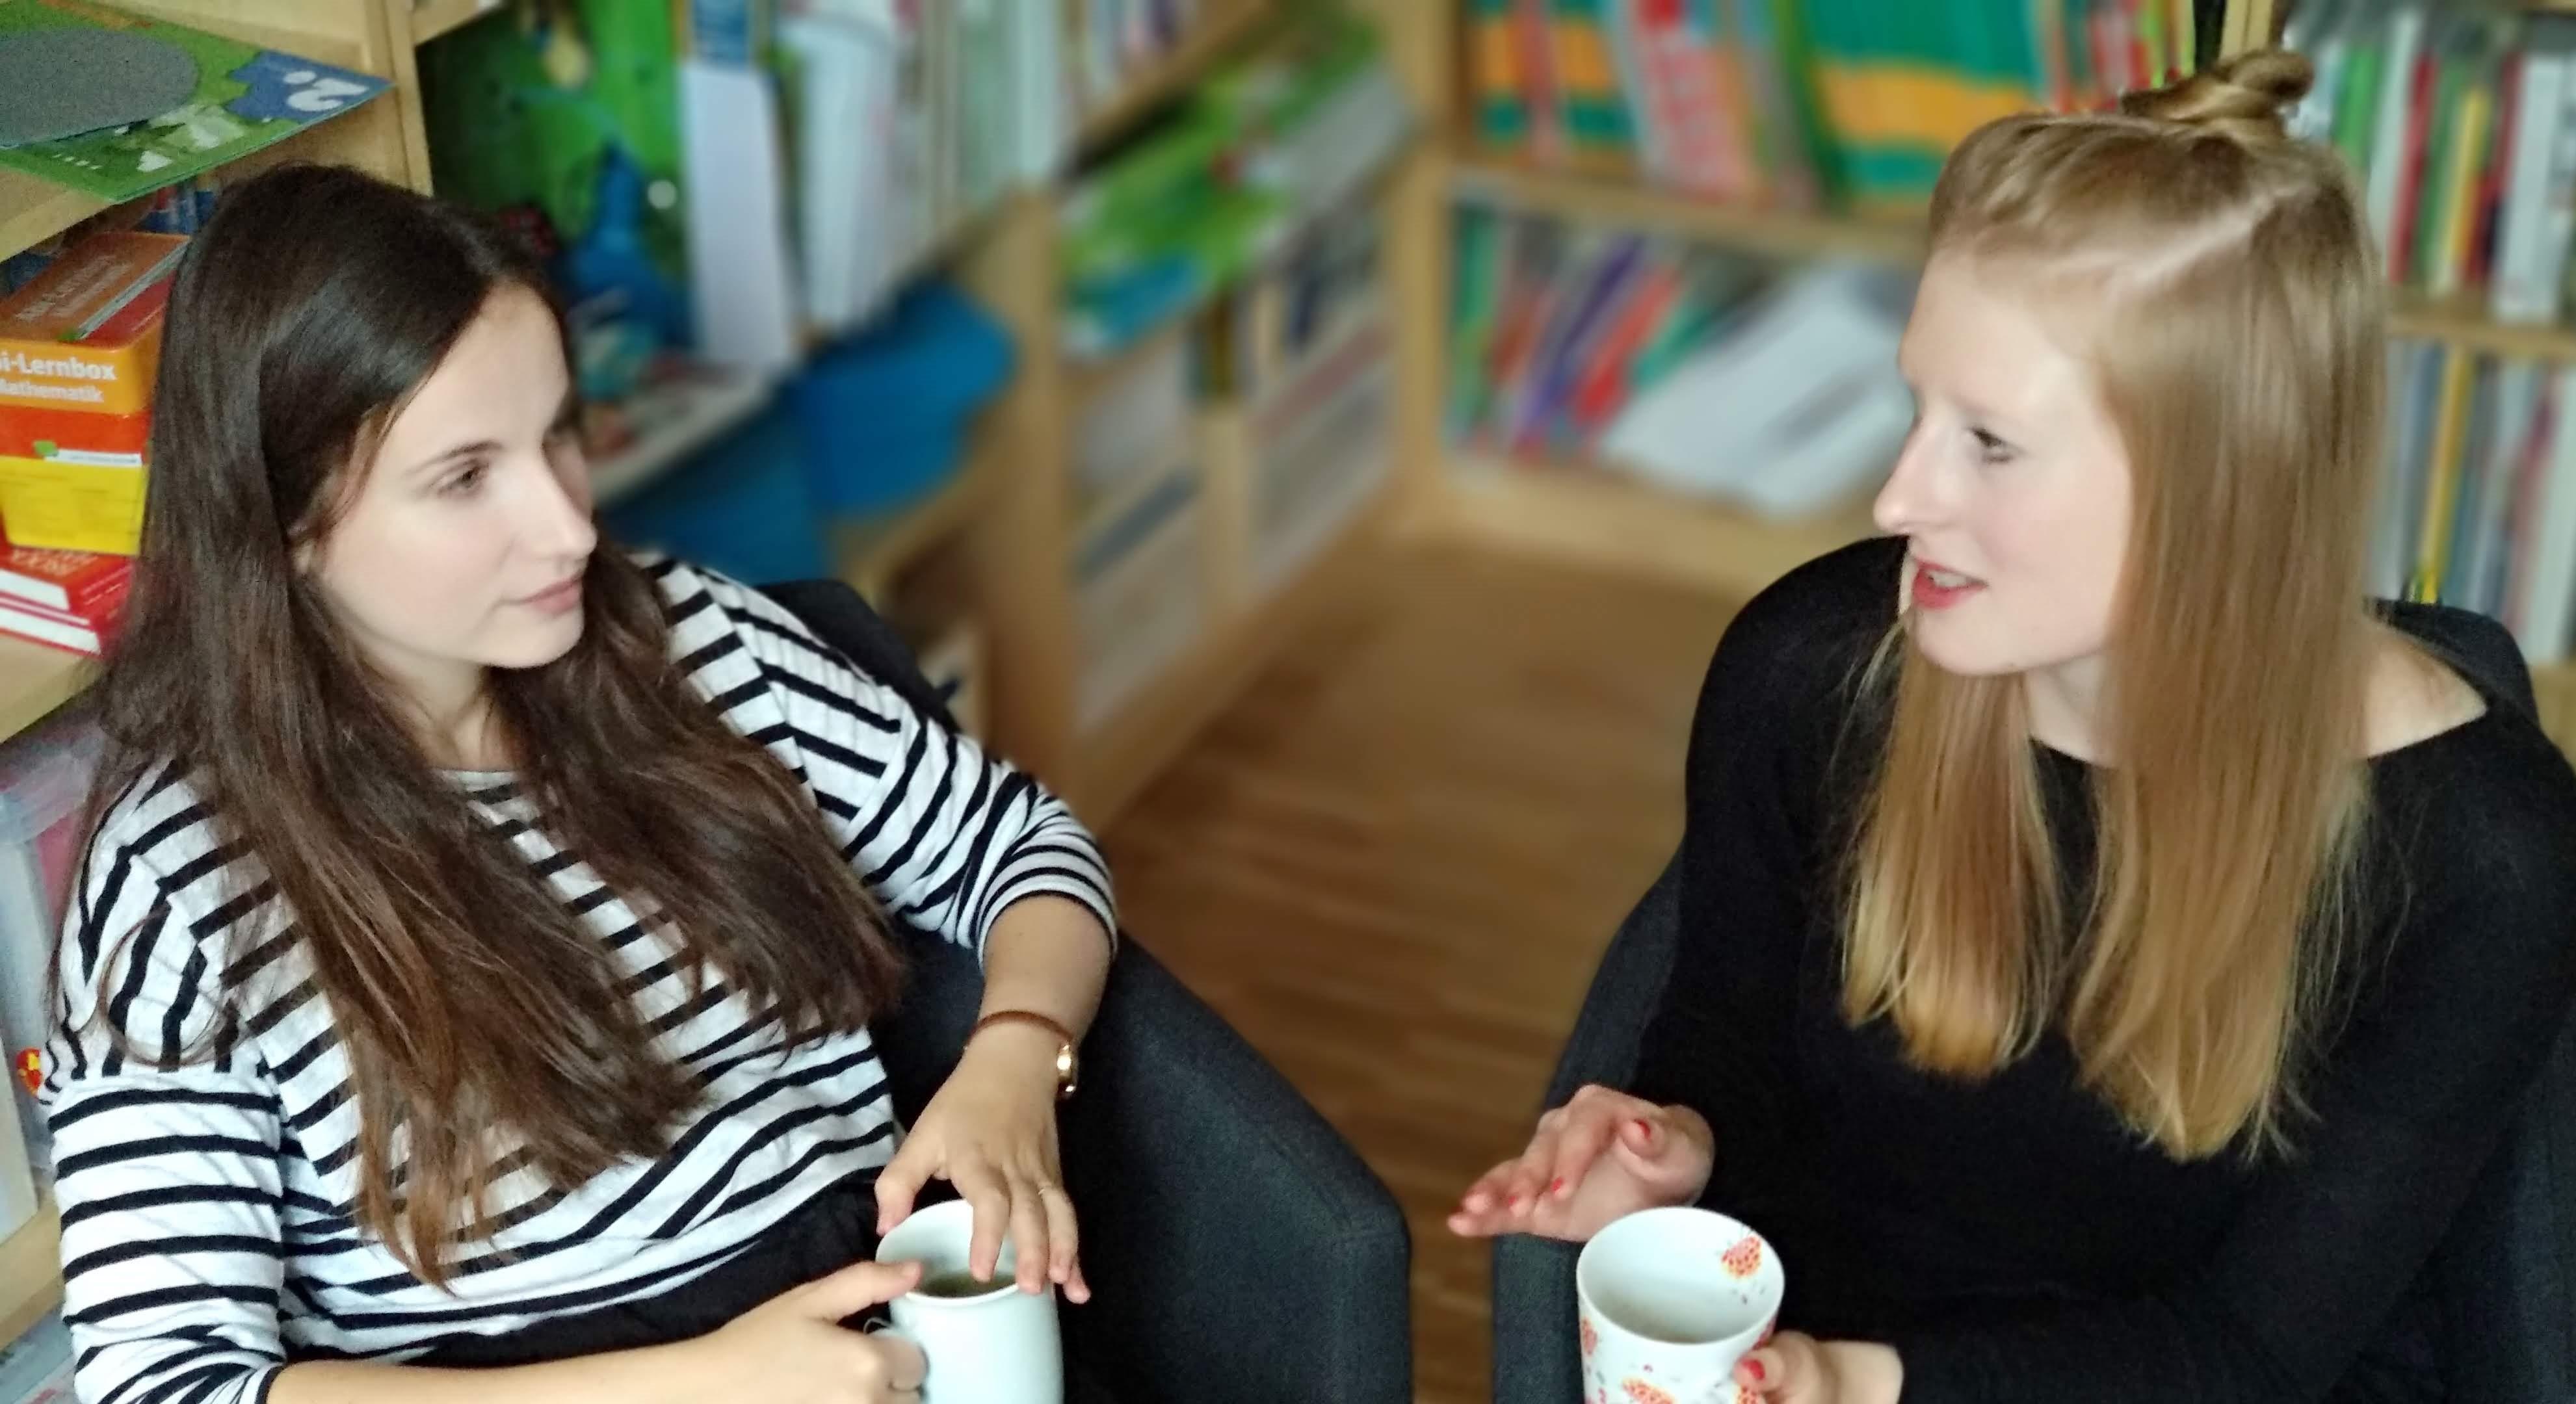 Projektkoordinatorinnen Laura Benary von Kitas im Kiez und Franziska Büttner von Zukunft Kita